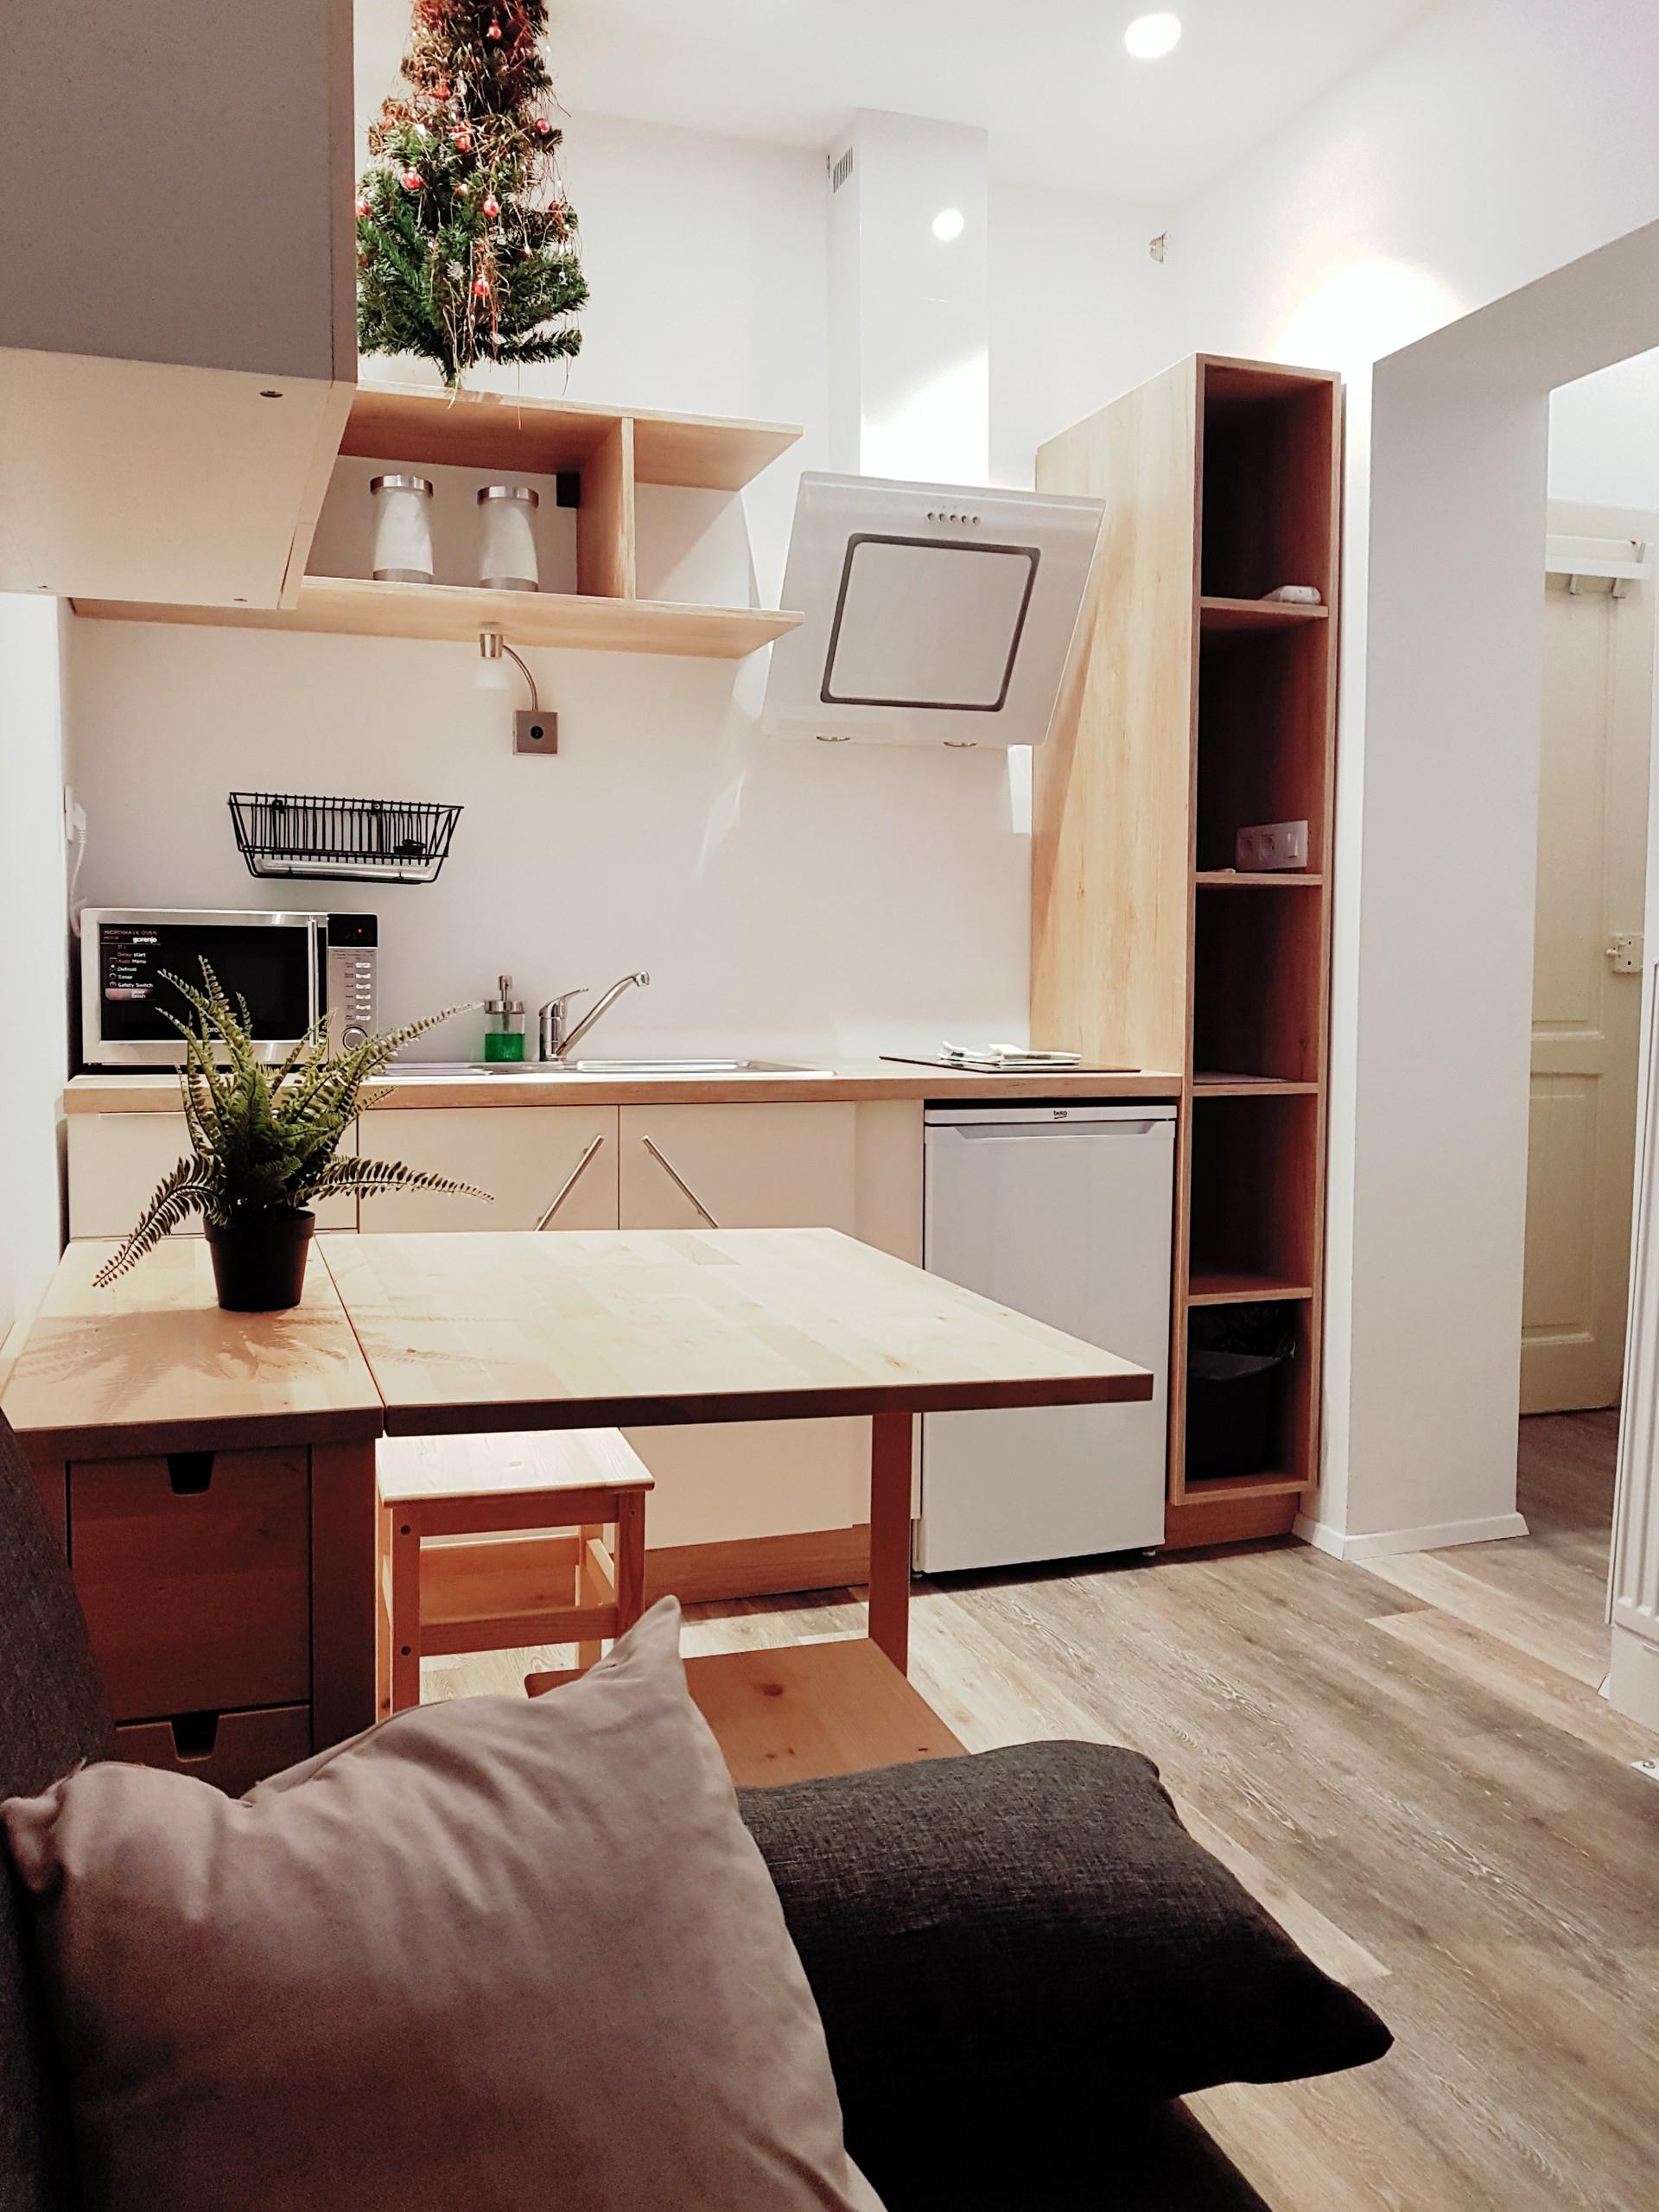 a-small-studio-loft-center-ljubljana-354be6613640ffce0ebe9fe0e86bb34c